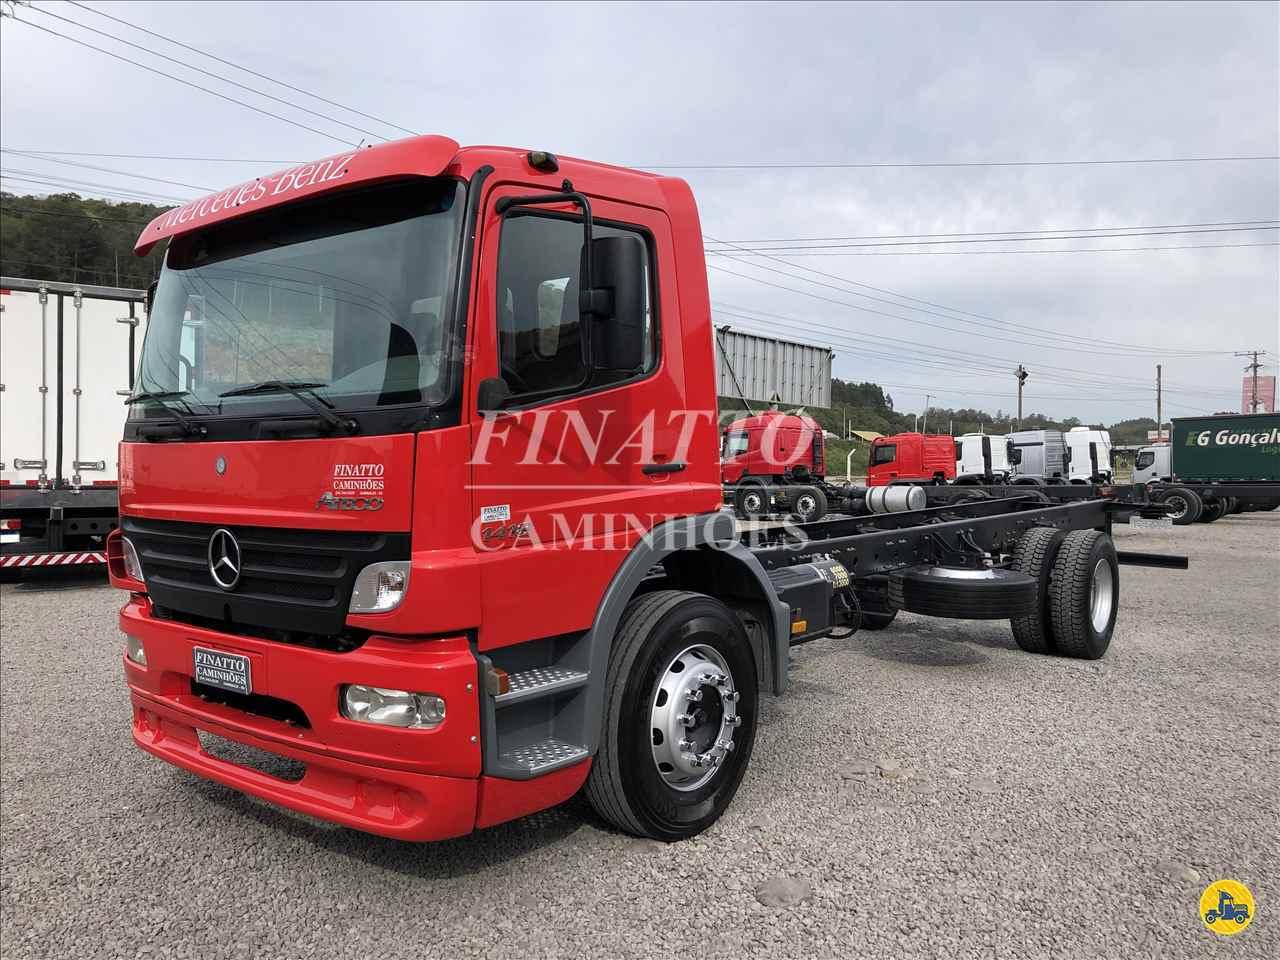 CAMINHAO MERCEDES-BENZ MB 1418 Chassis Toco 4x2 Finatto Caminhões GARIBALDI RIO GRANDE DO SUL RS